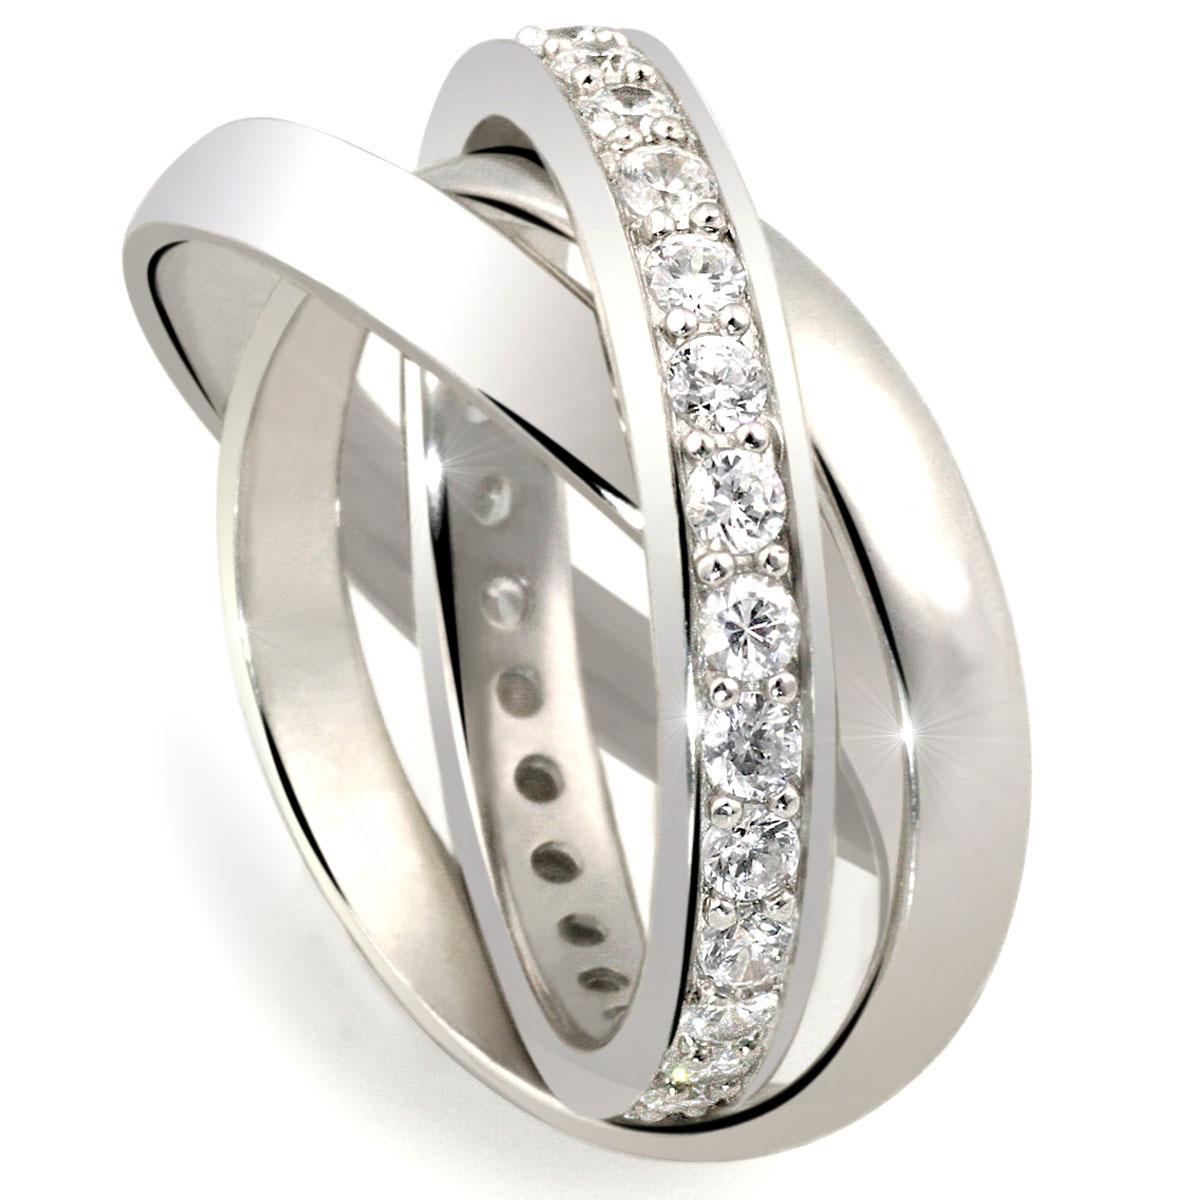 goldmaid ring 3 in 1 echt silber 32 steine kanalfassung ebay. Black Bedroom Furniture Sets. Home Design Ideas